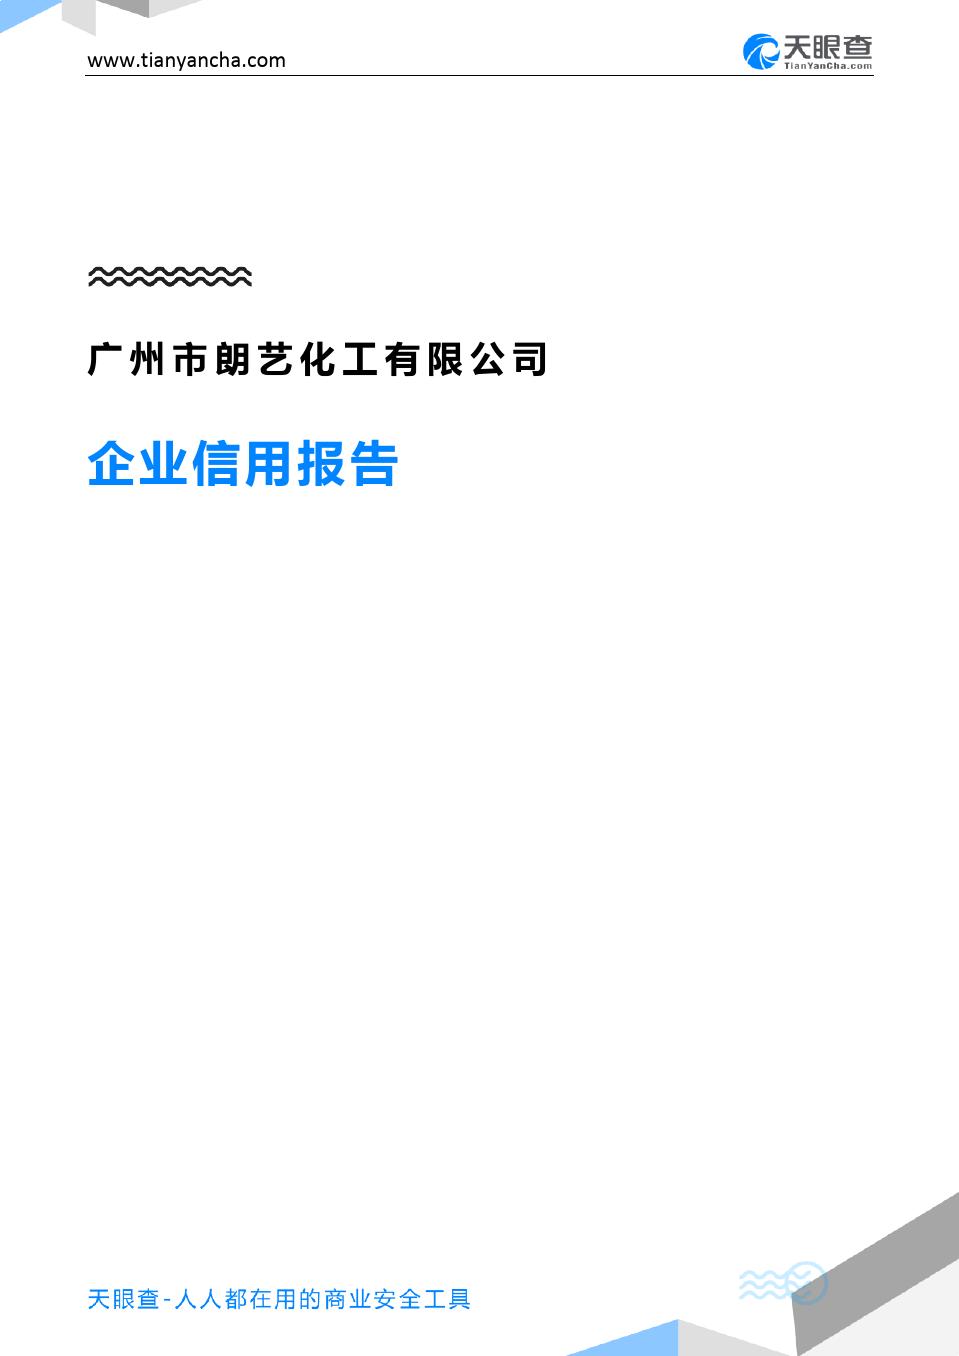 广州市朗艺化工有限公司(企业信用报告)- 天眼查